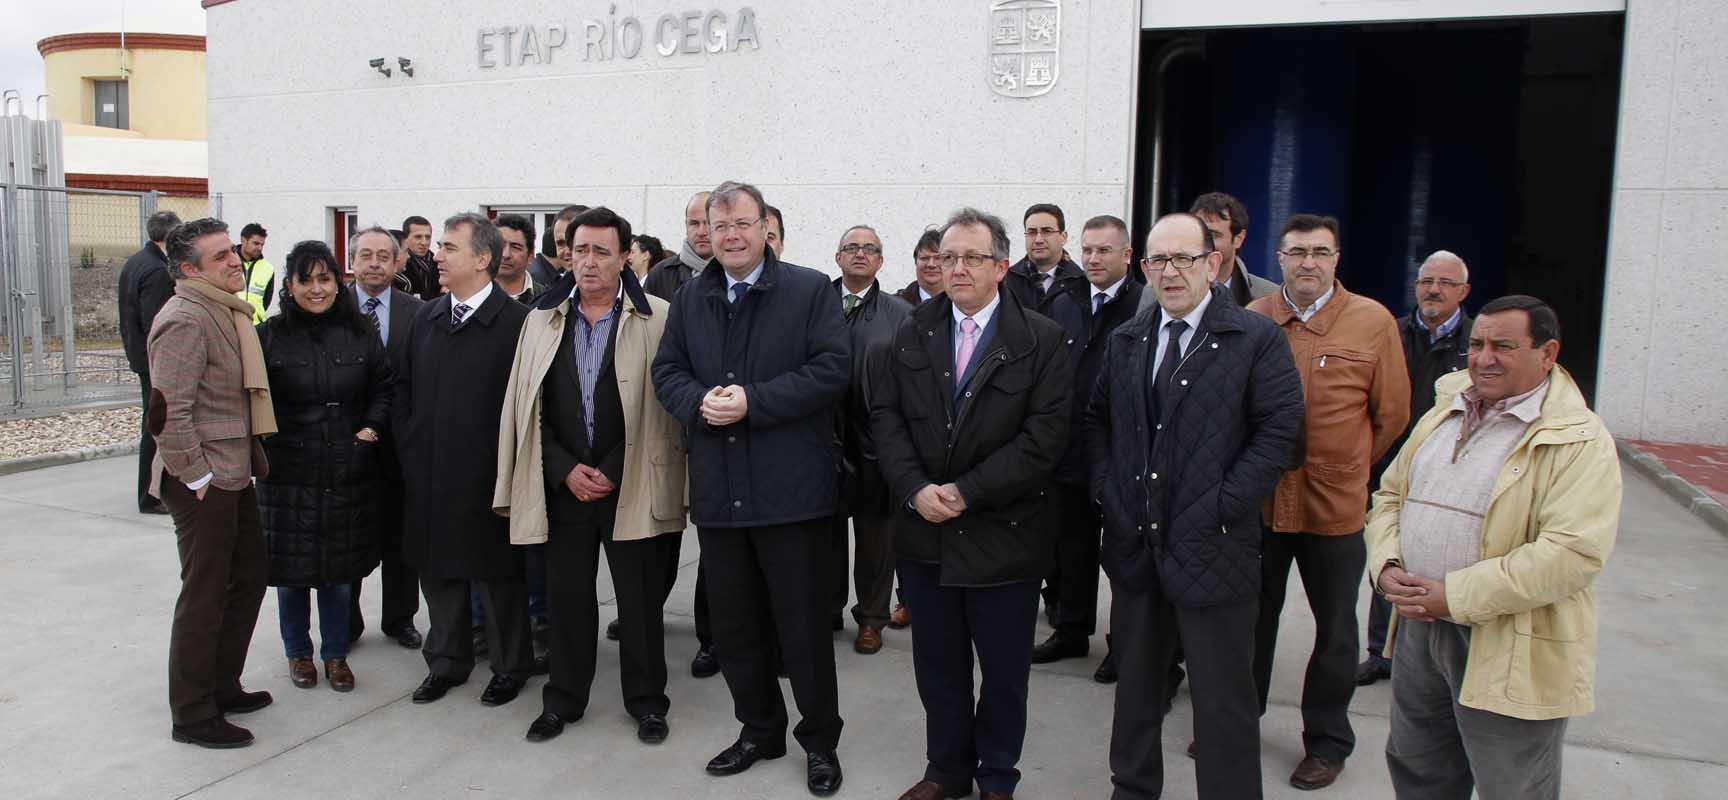 Visita institucional a las instalaciones de la ETAP de la villa.Visita institucional a las instalaciones de la ETAP de la villa.